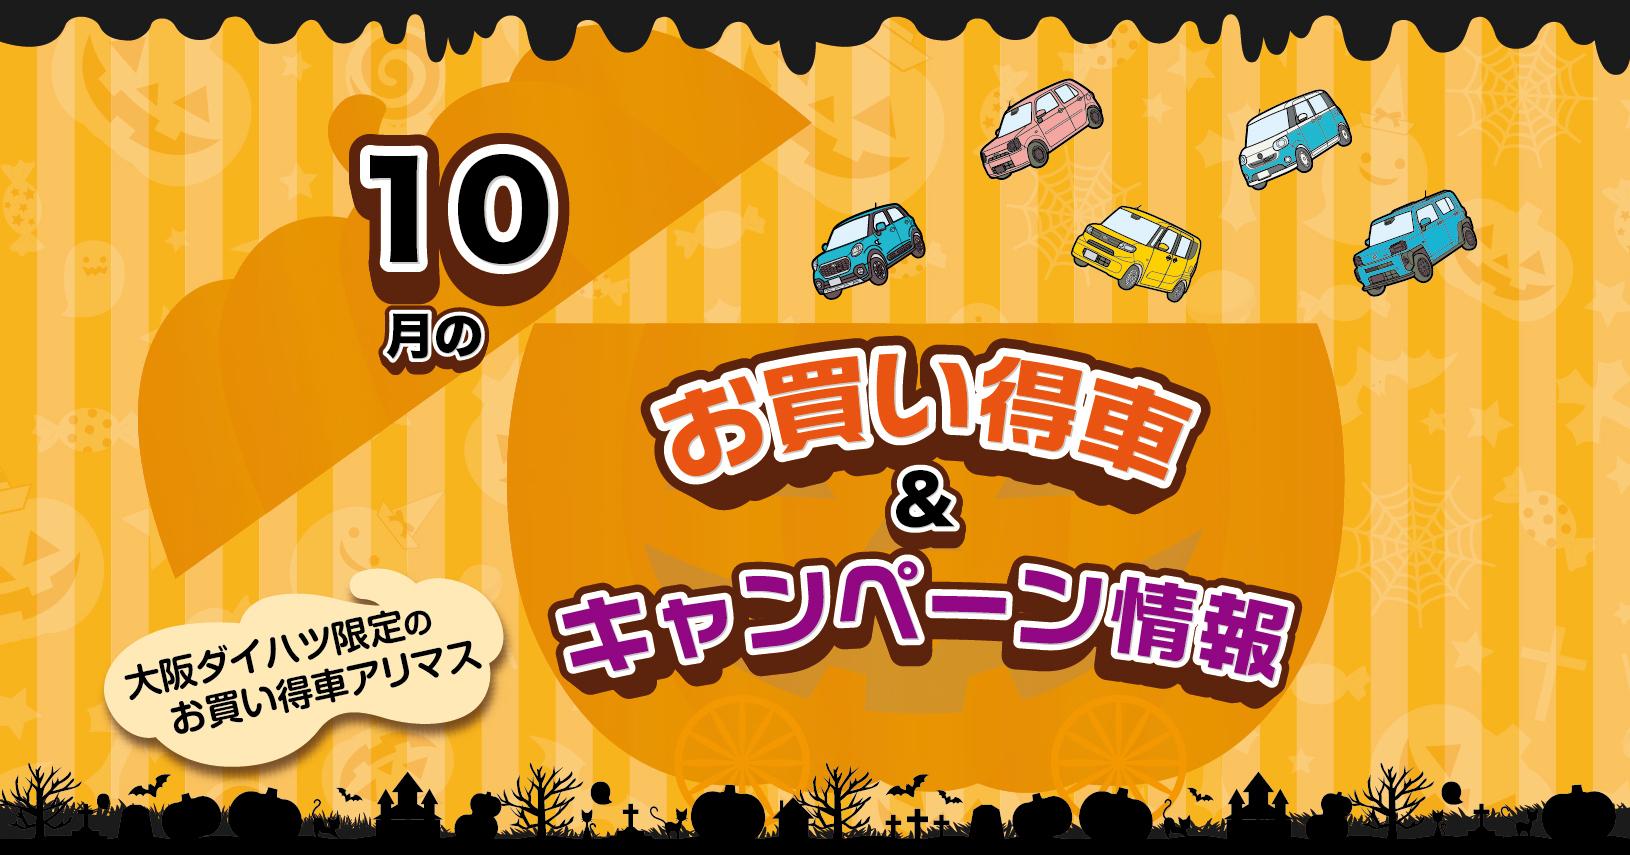 10月の大阪ダイハツ限定お買い得車&キャンペーン情報